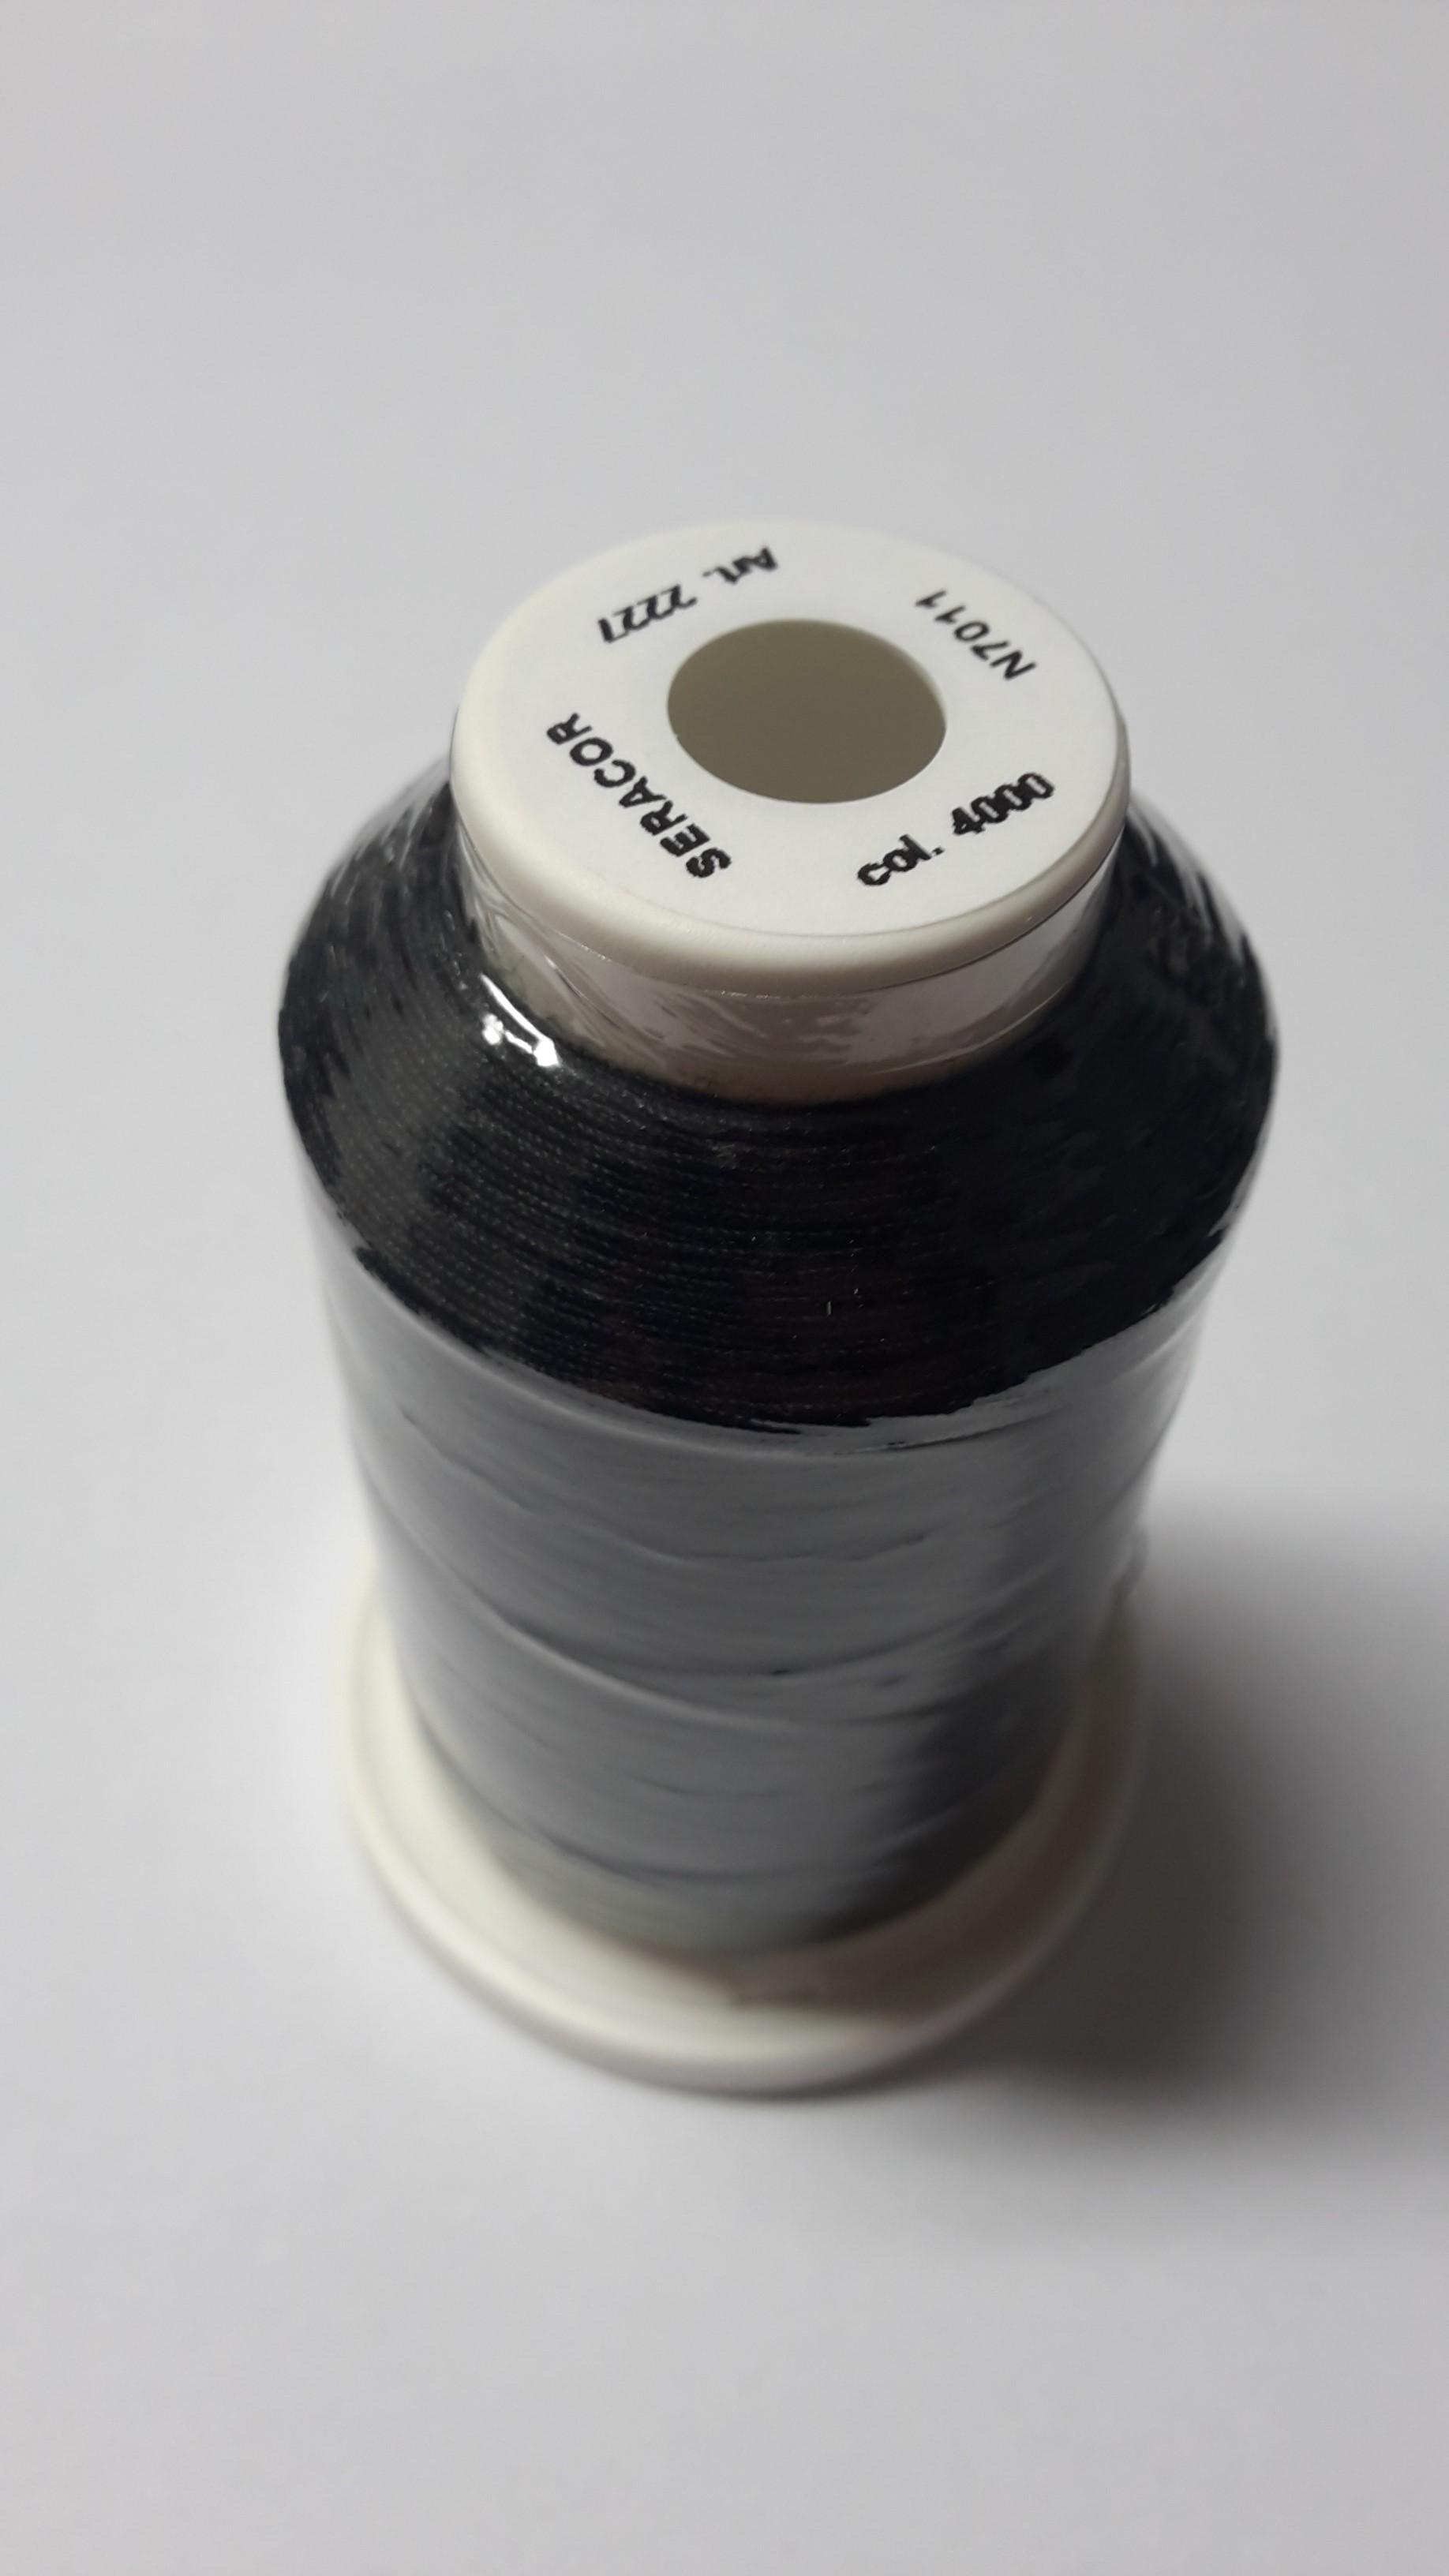 blau MaylFre 1set Embroidex Garnst/änders 3 Spools Fadenhalter-Stickerei-spulen Bobbin N/ähmaschine Halter-zahnstange F/ür Home Quilting N/ähmaschine Zubeh/ör